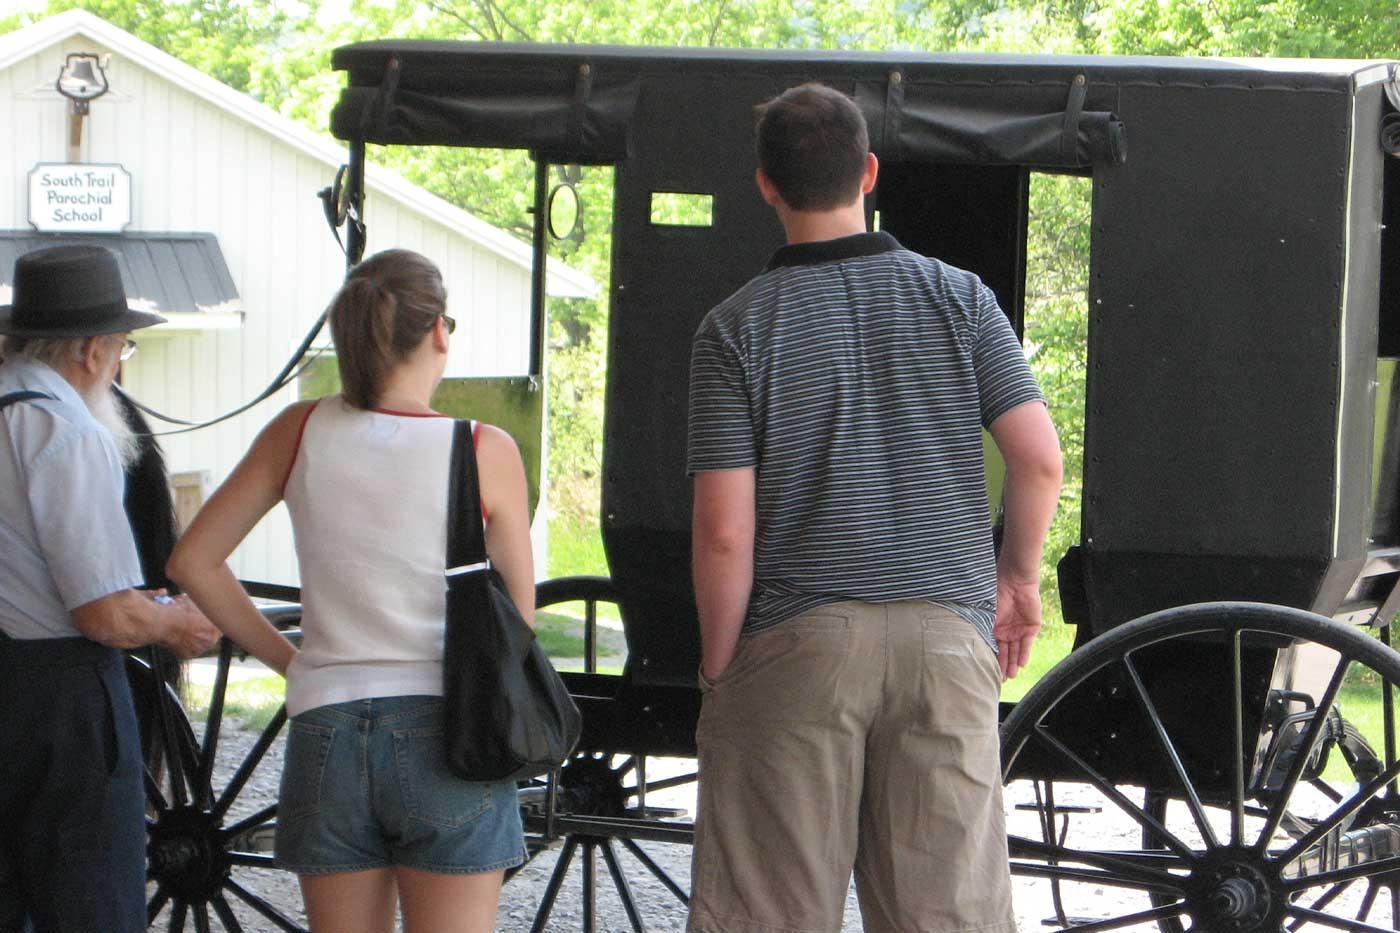 Diferența dintre Amish și evreu - Alte -